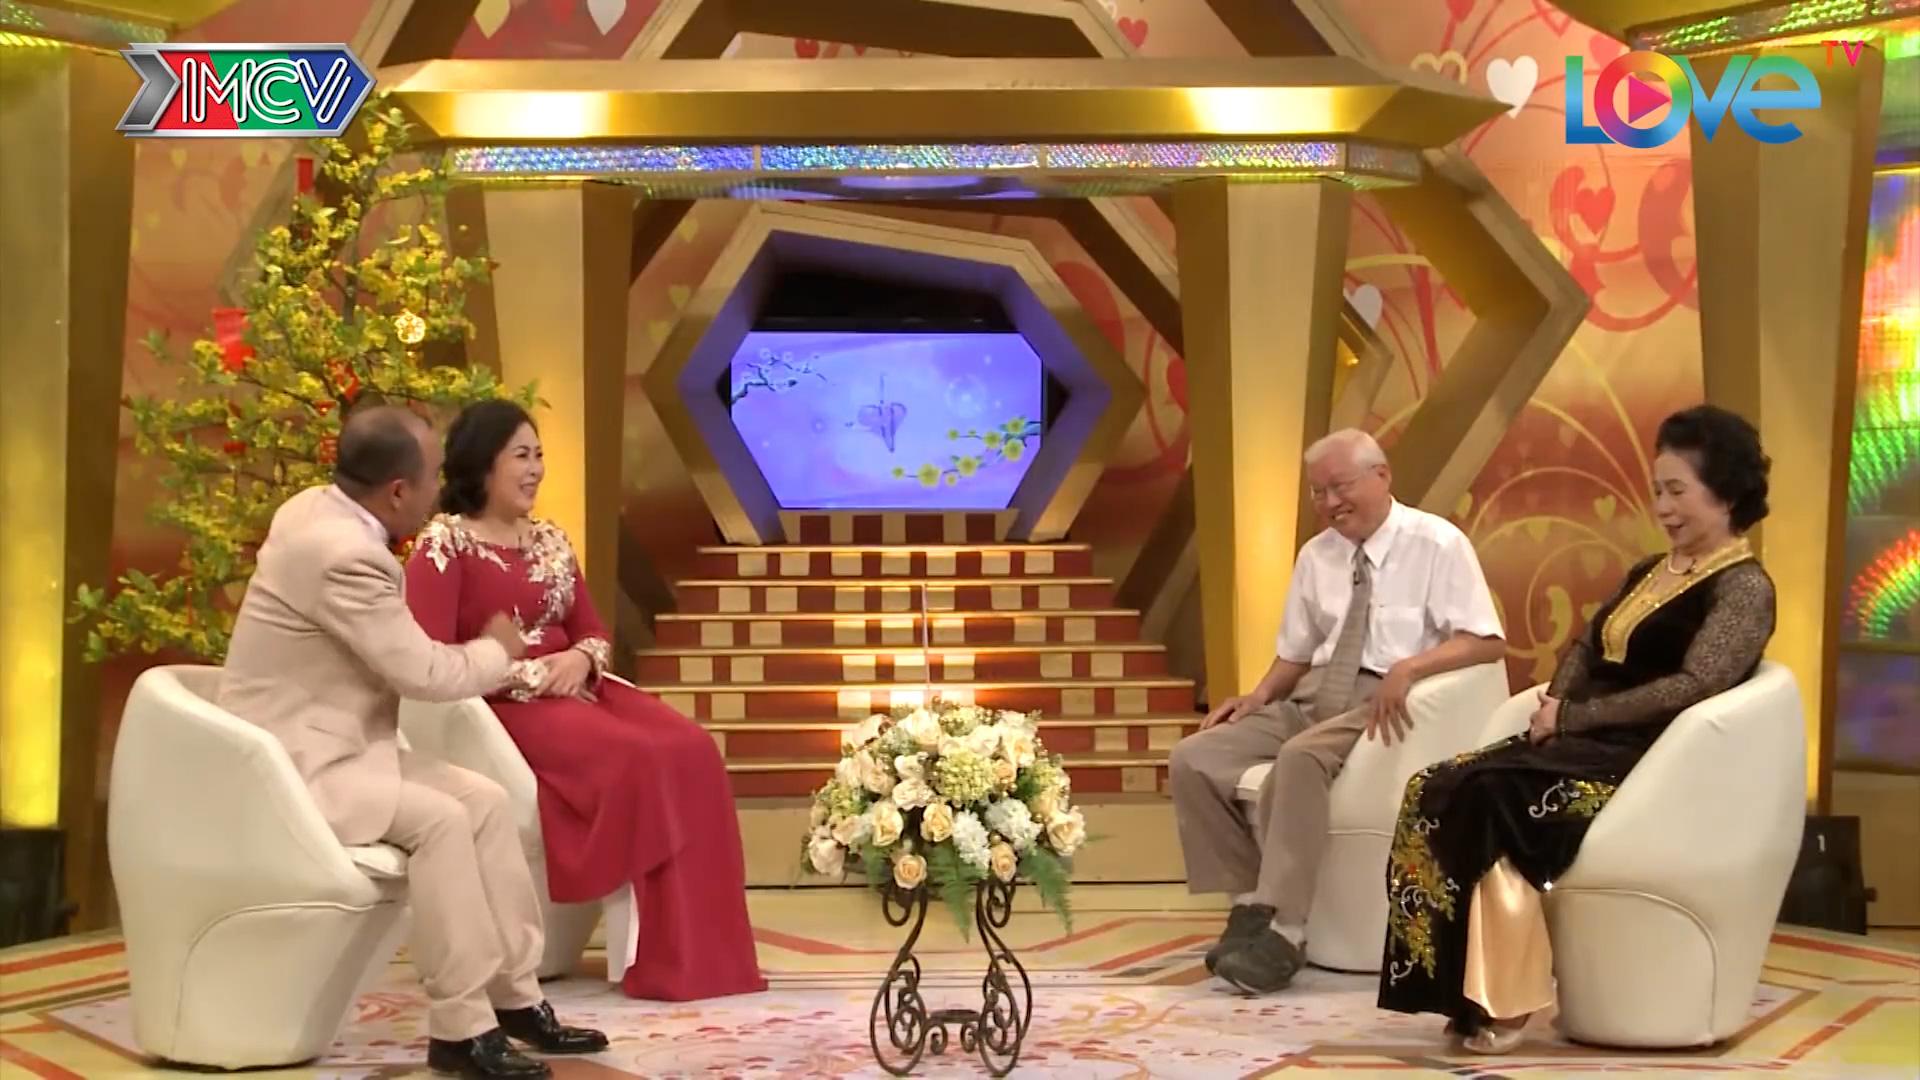 Quyền Linh, Ngọc Lan xúc động khi dẫn chương trình chuyện tình của các cụ ông, cụ bà - Ảnh 3.